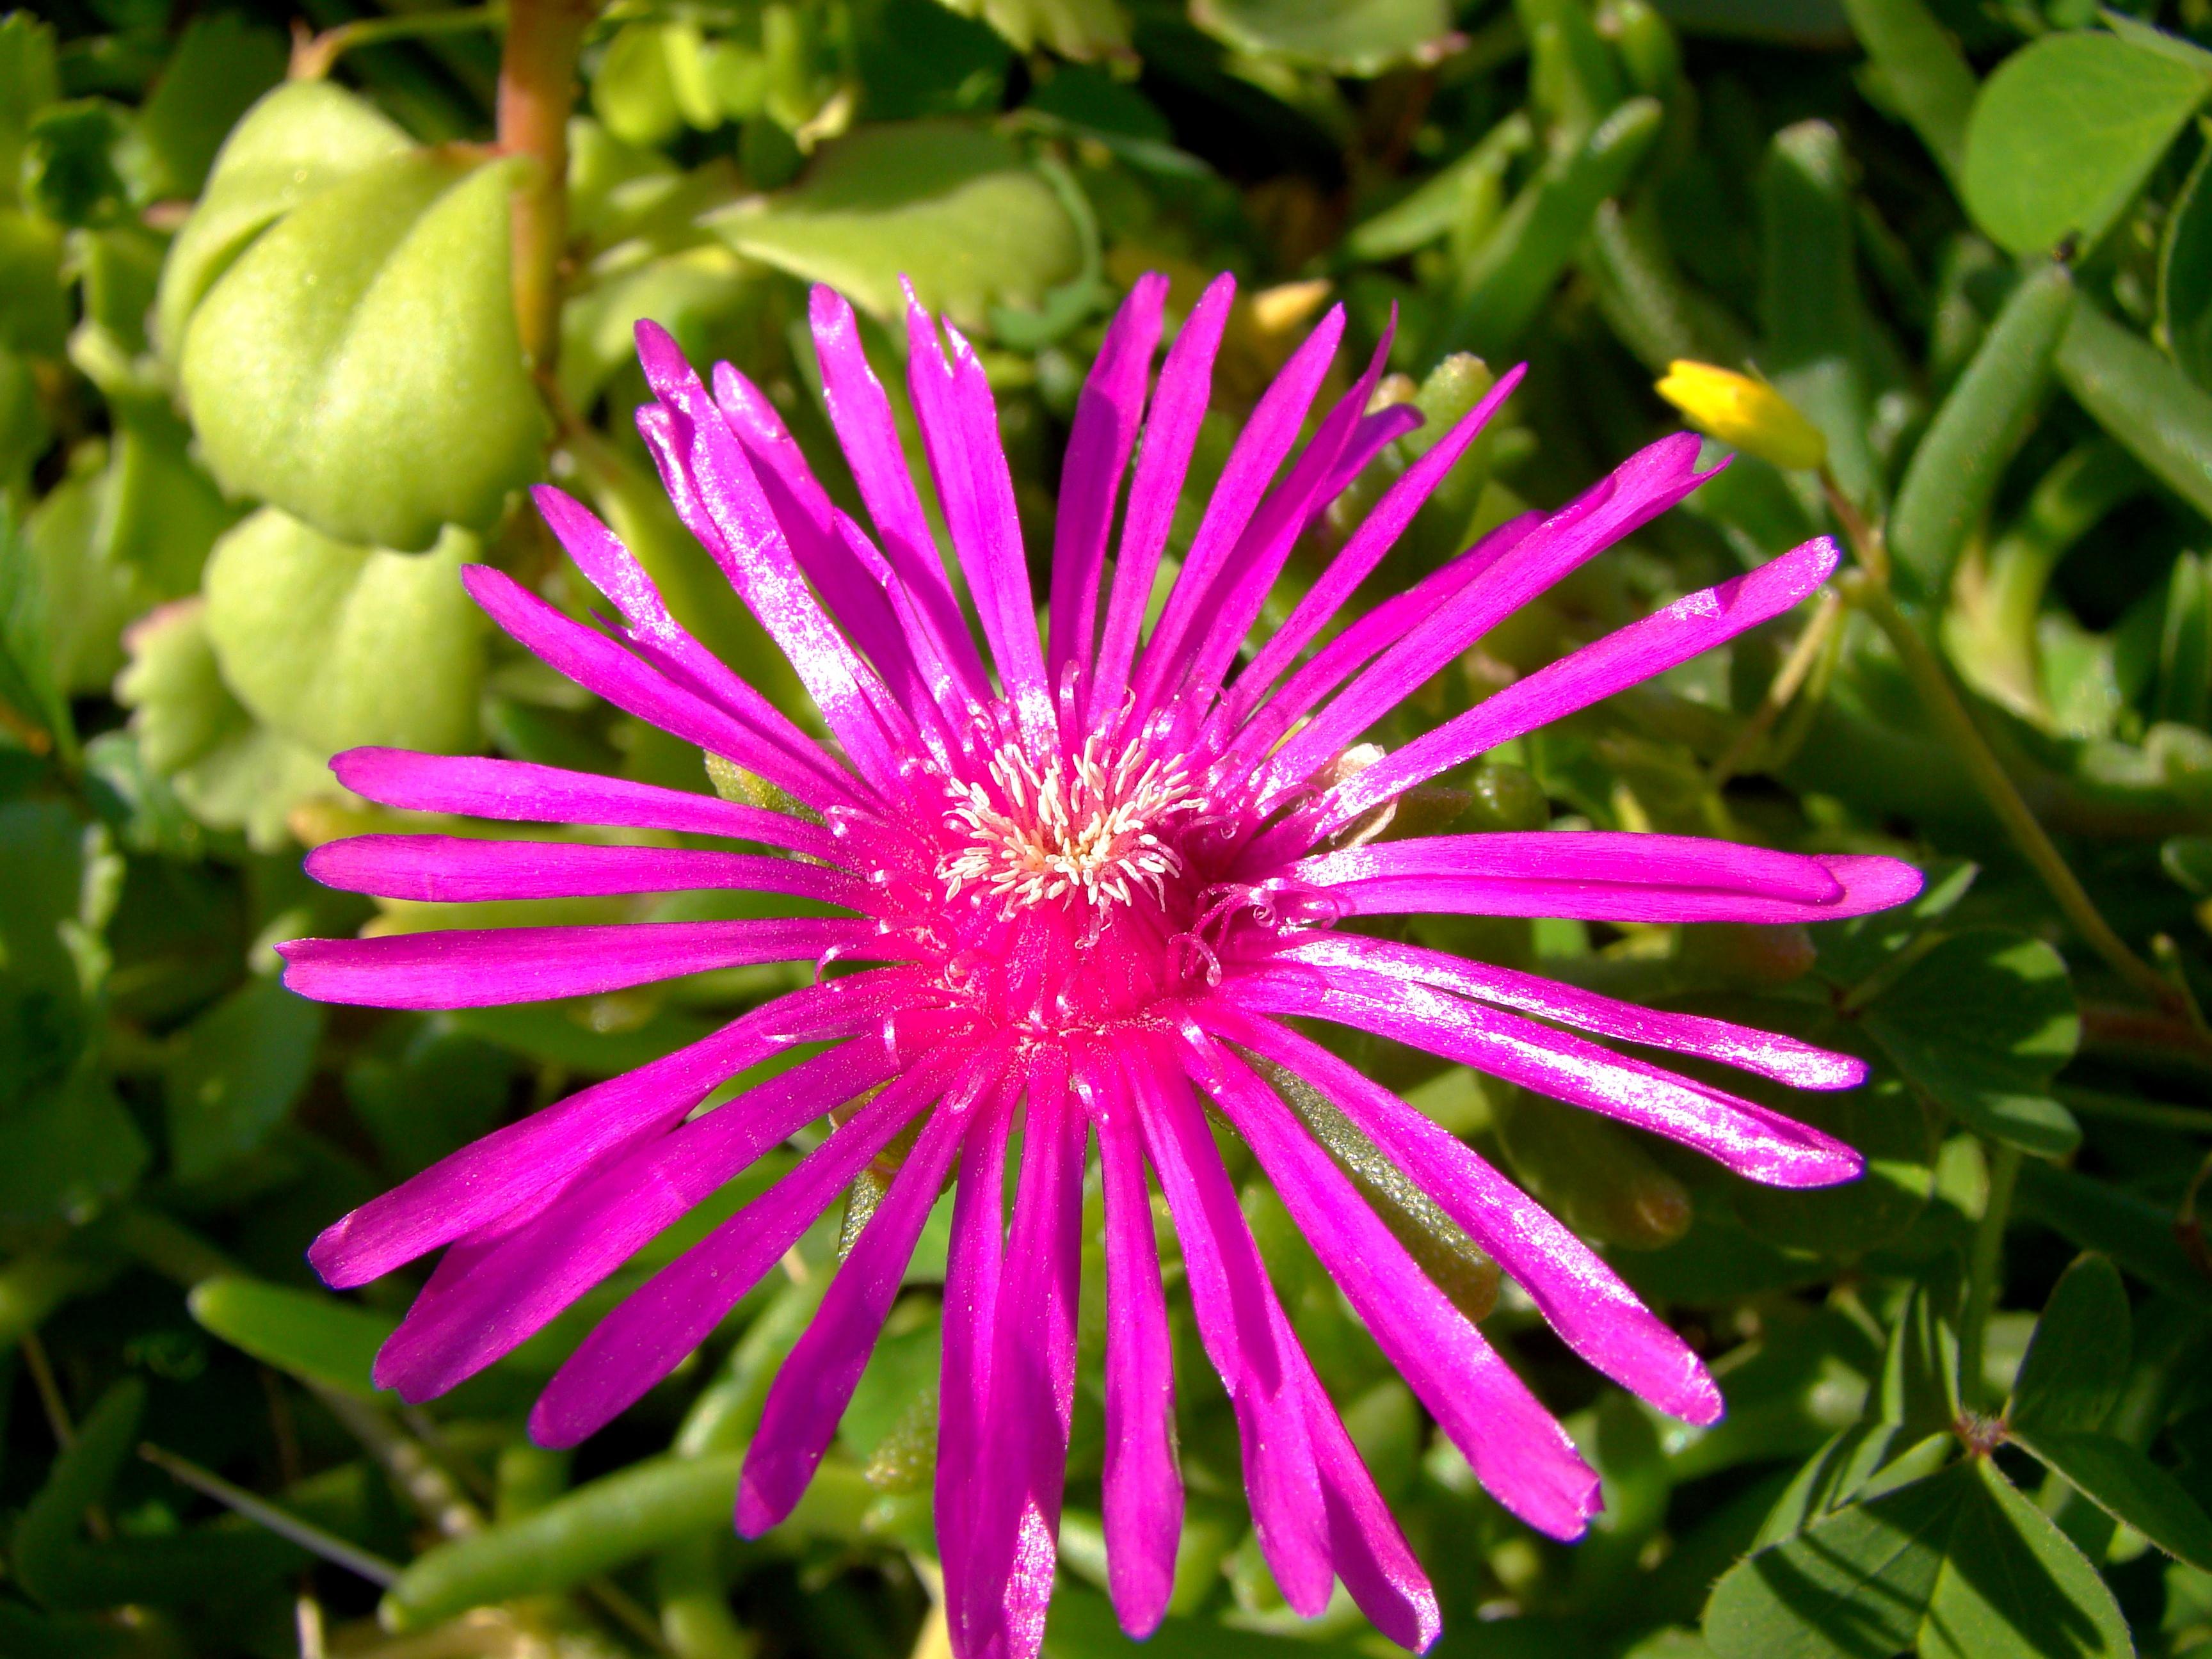 Graines De Fleurs Qui Poussent Très Vite les plantes envahissantes, la nouvelle « chasse aux